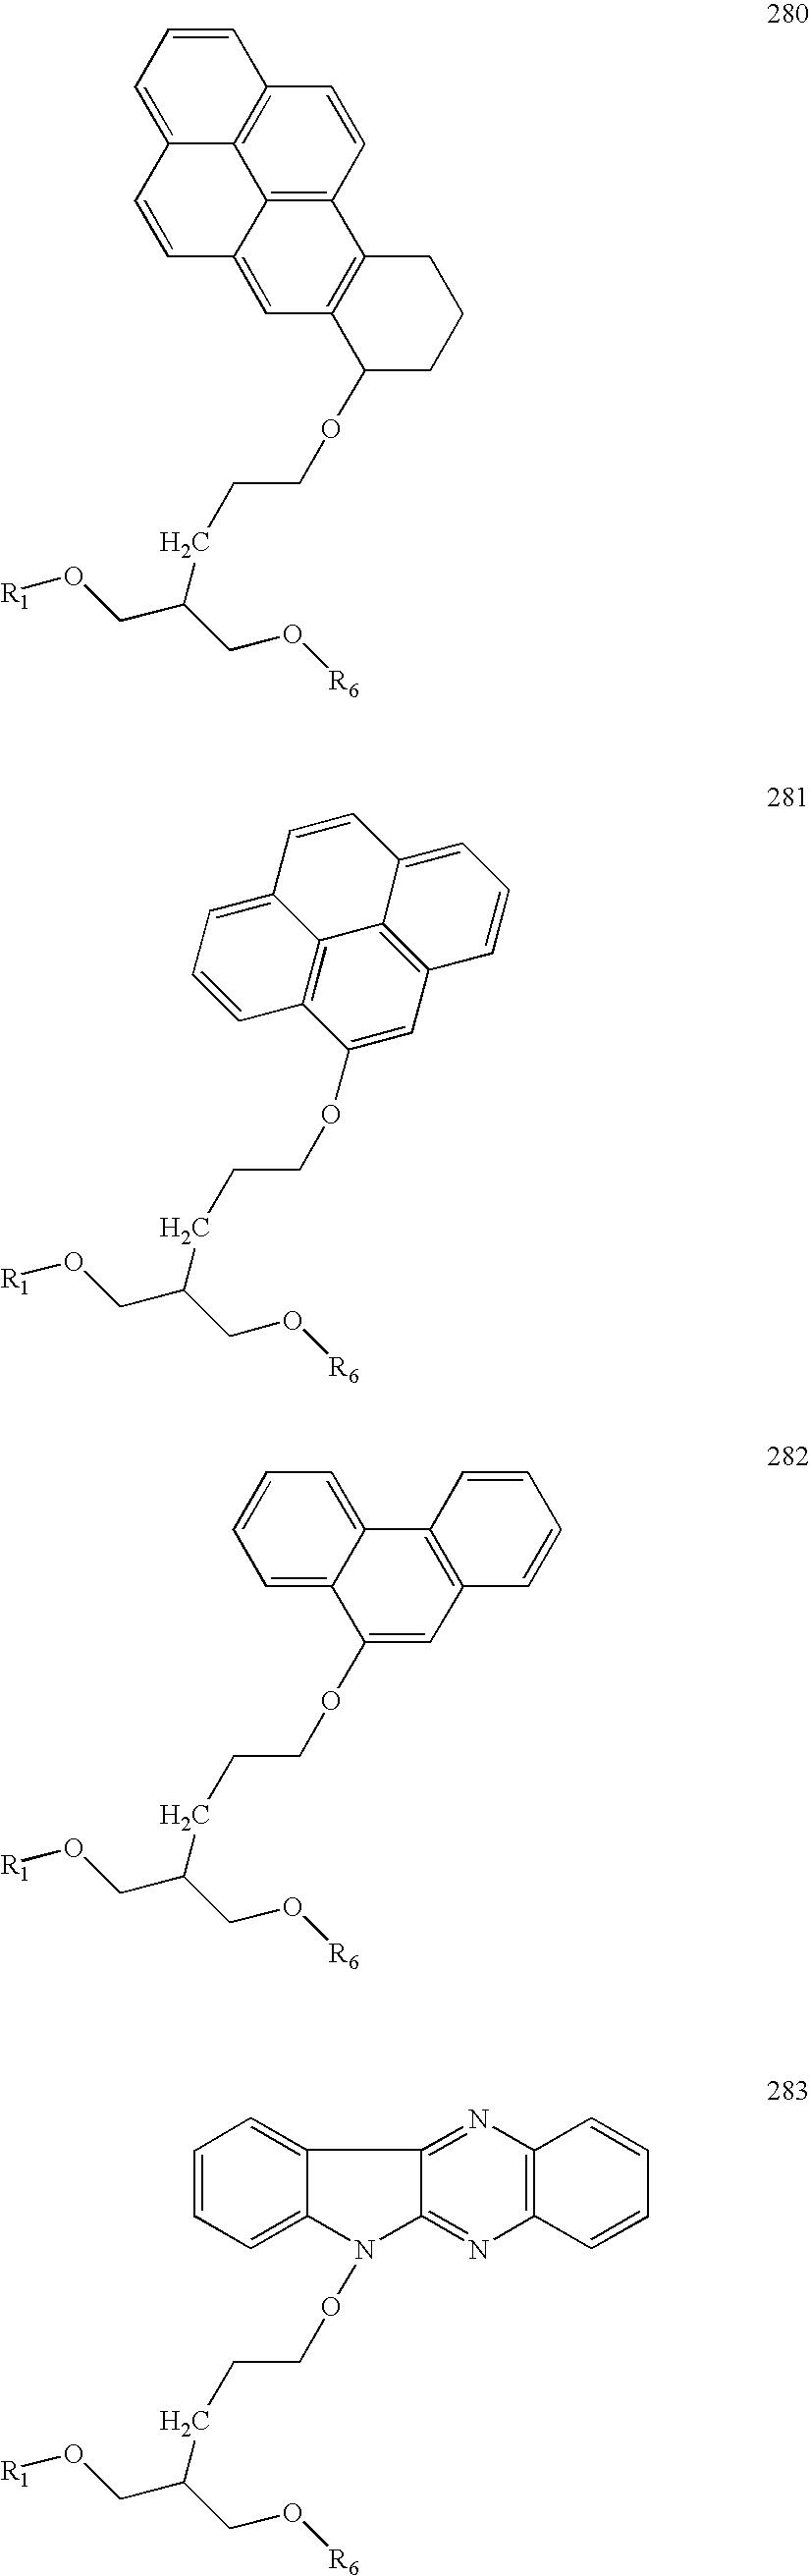 Figure US20060014144A1-20060119-C00149